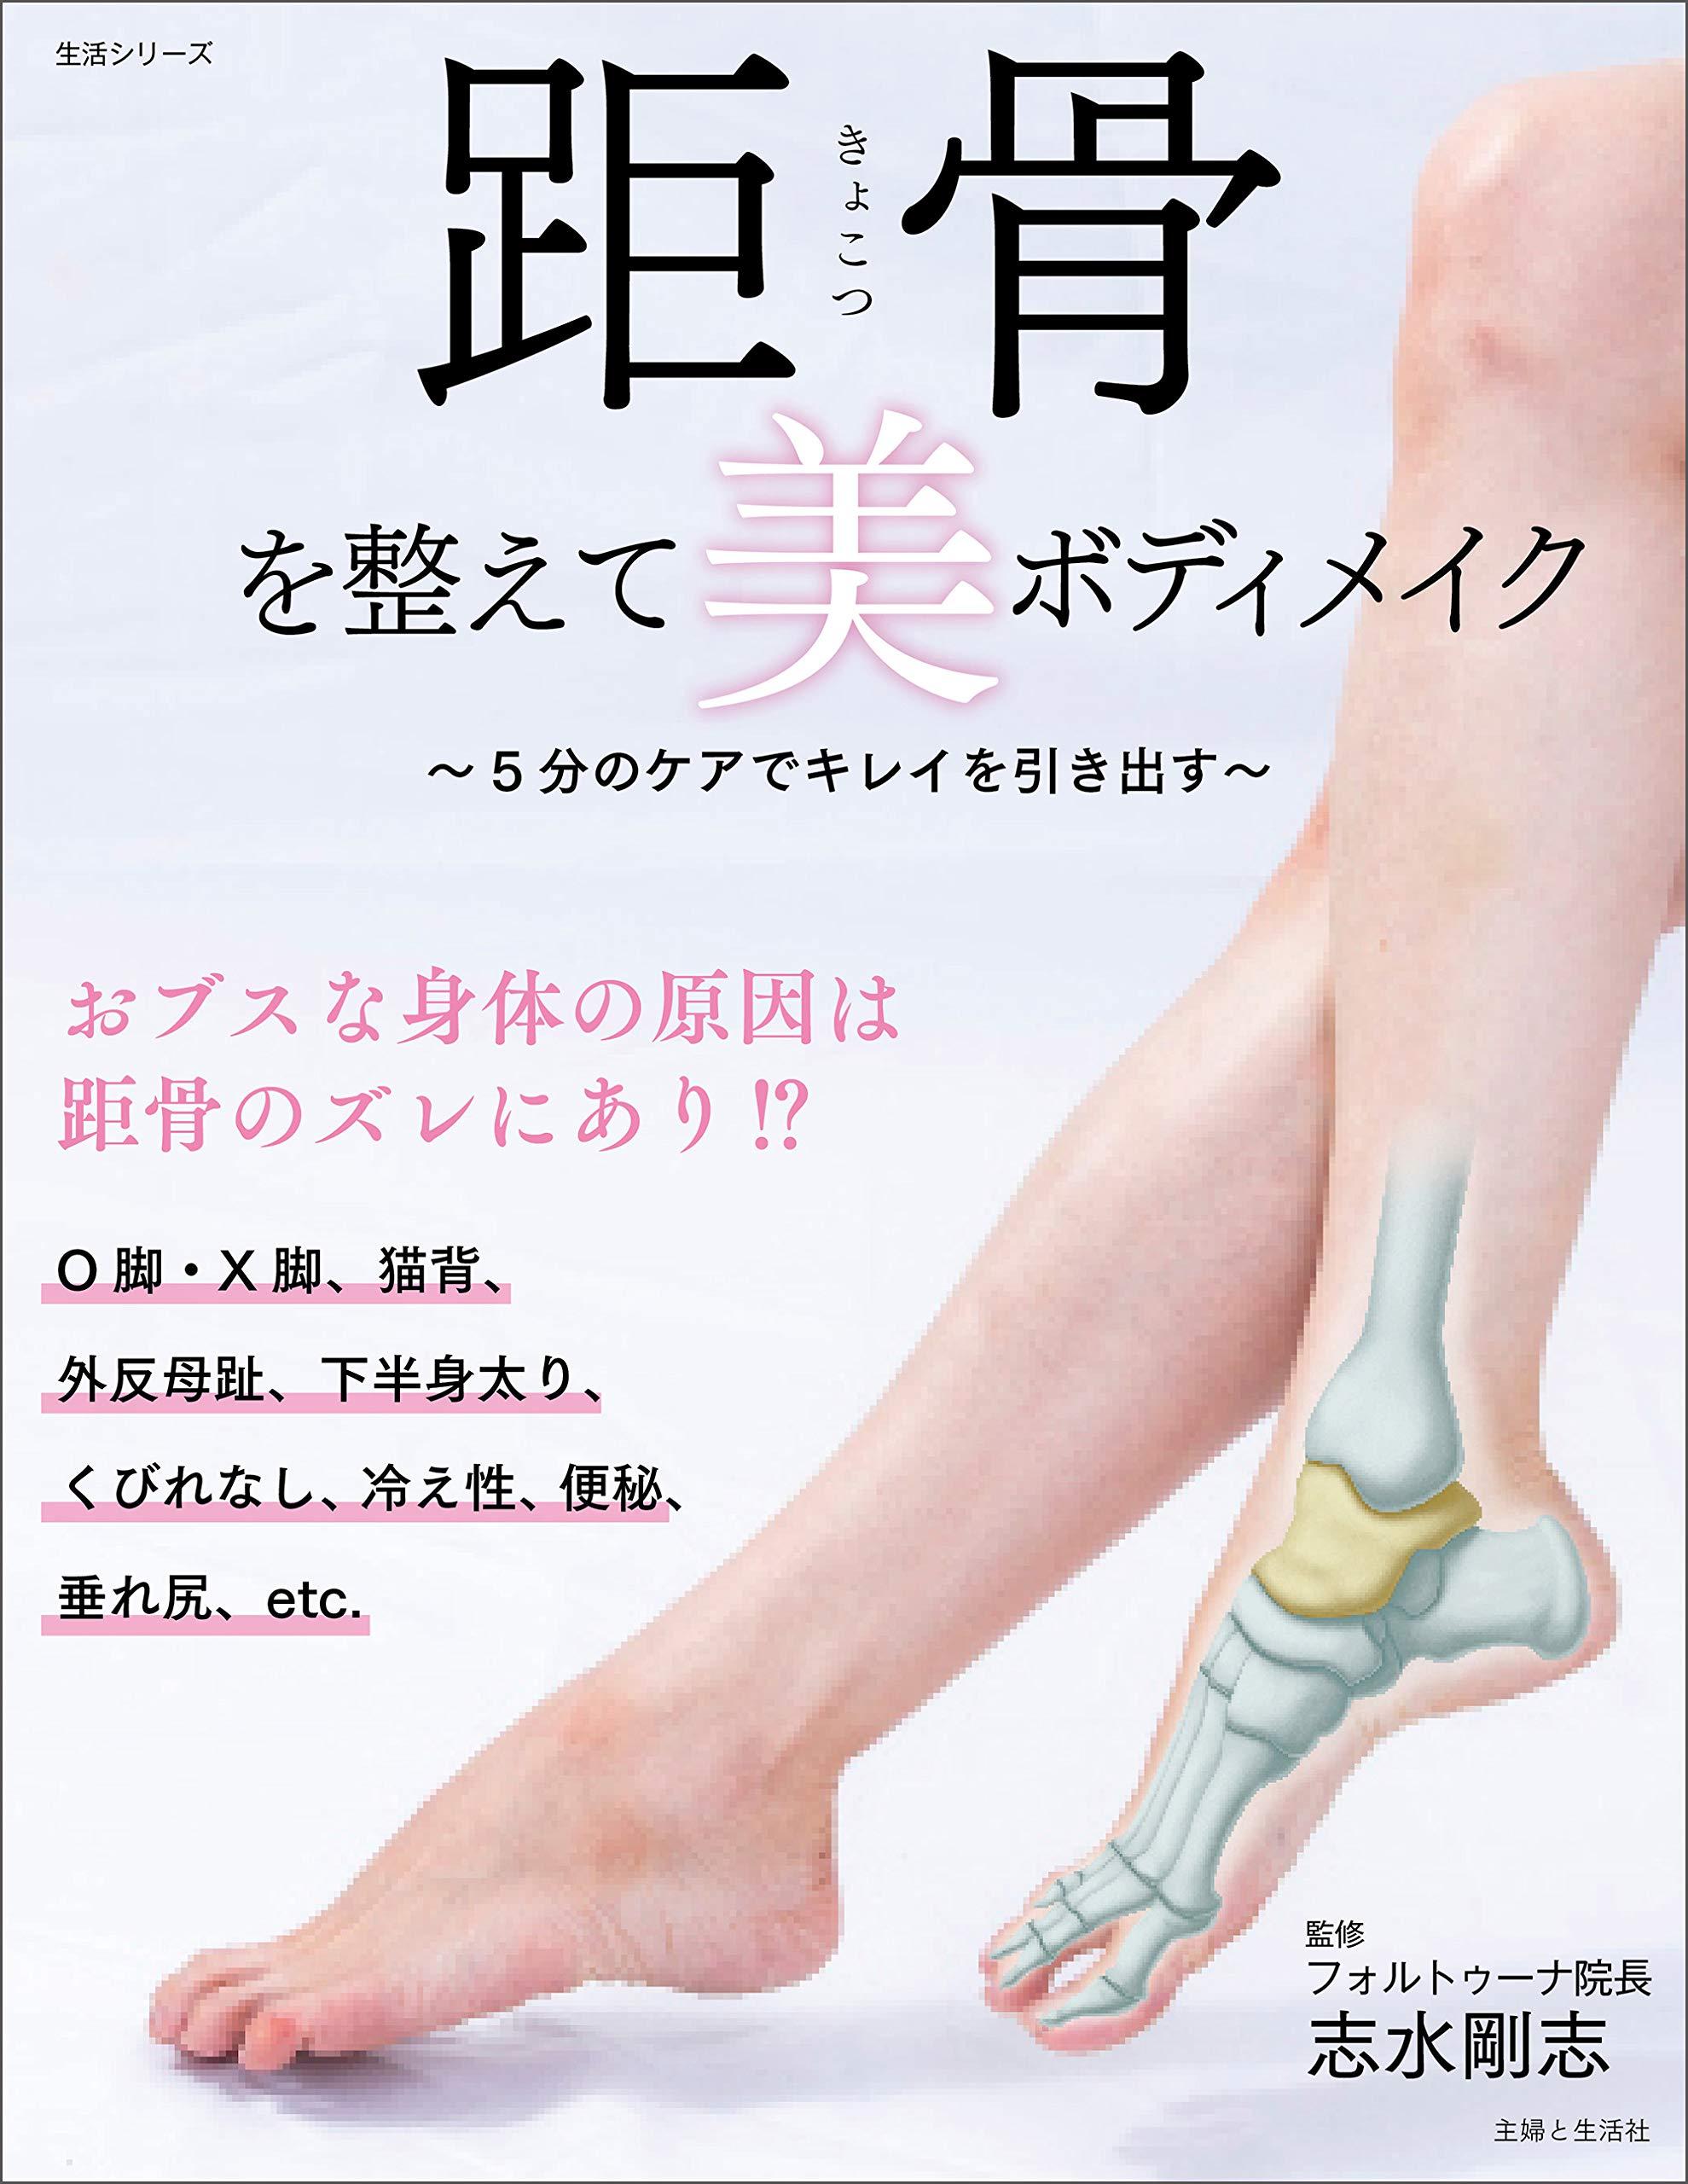 猫背・O脚・下腹・くびれの悩みの原因は足の距骨? セルフケアで美しく